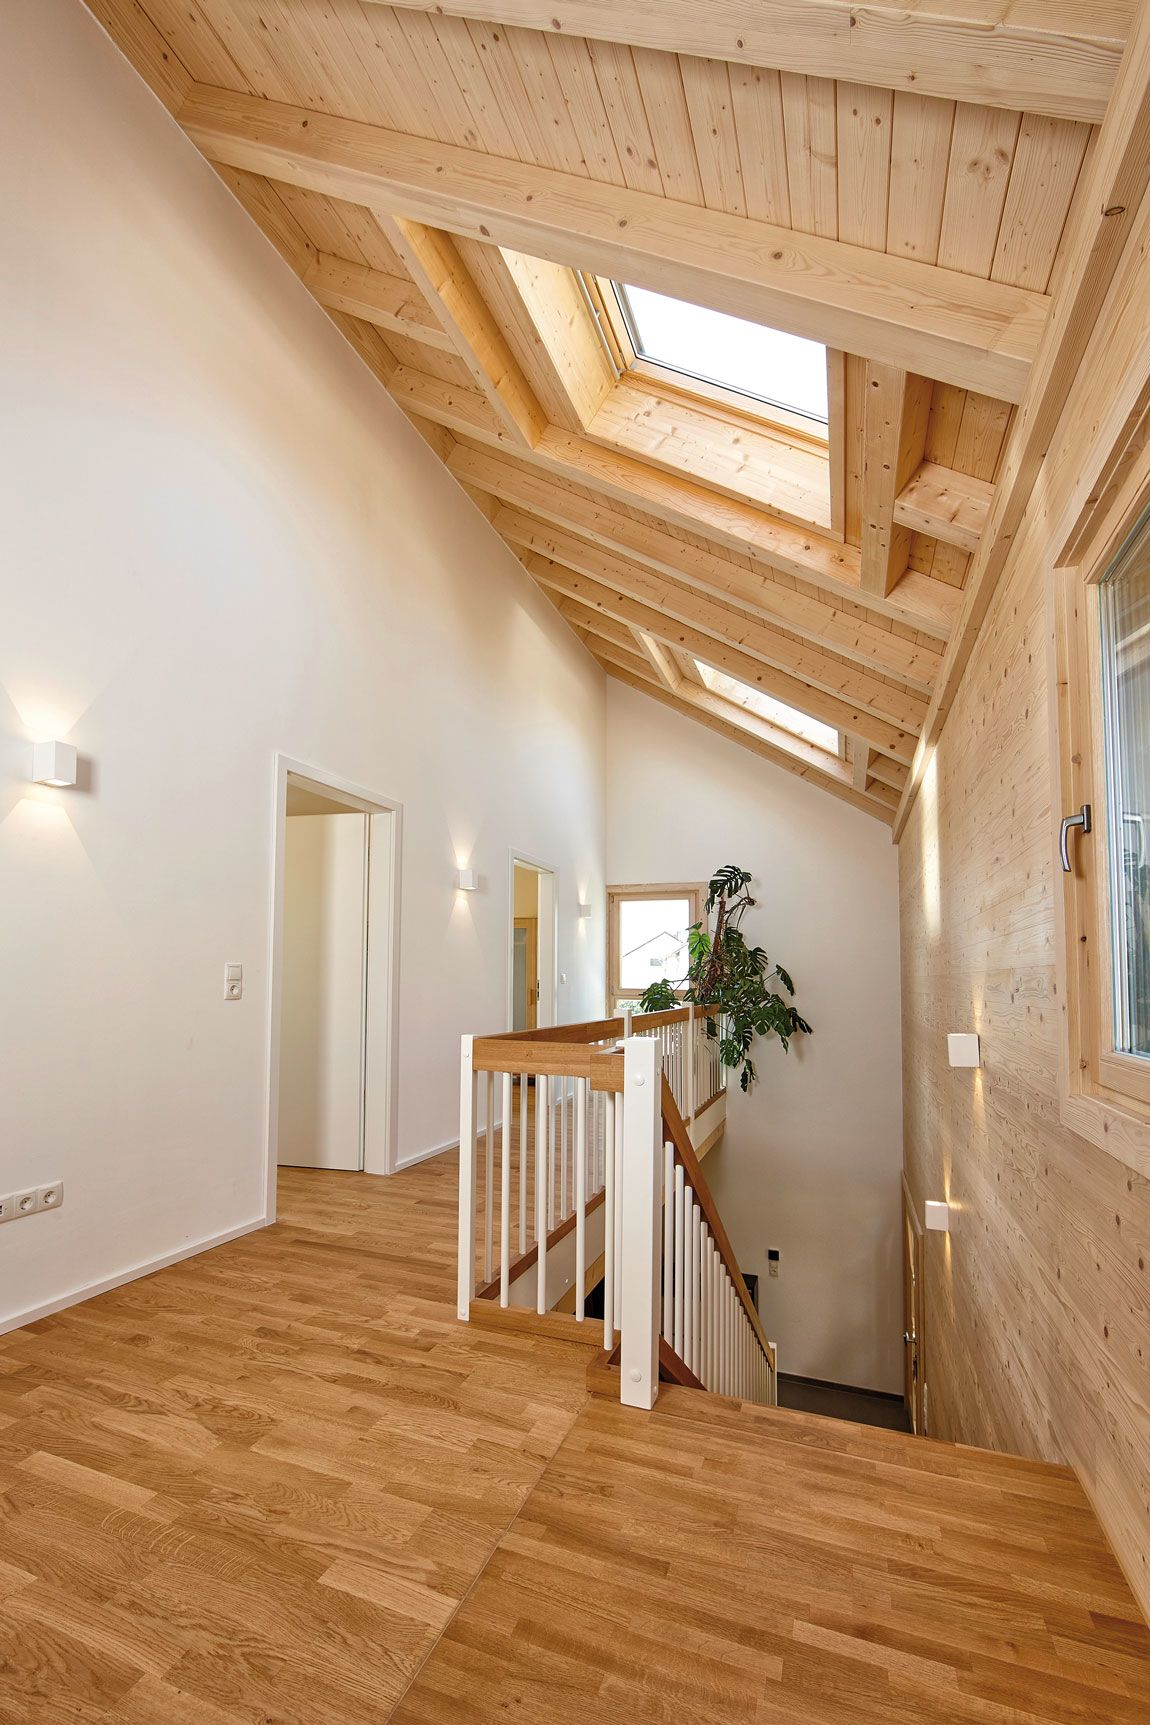 Flur, Treppenaufgang im Dachgeschoss eines Holzhauses in Massivbauweise gebaut mit der Holzmauer